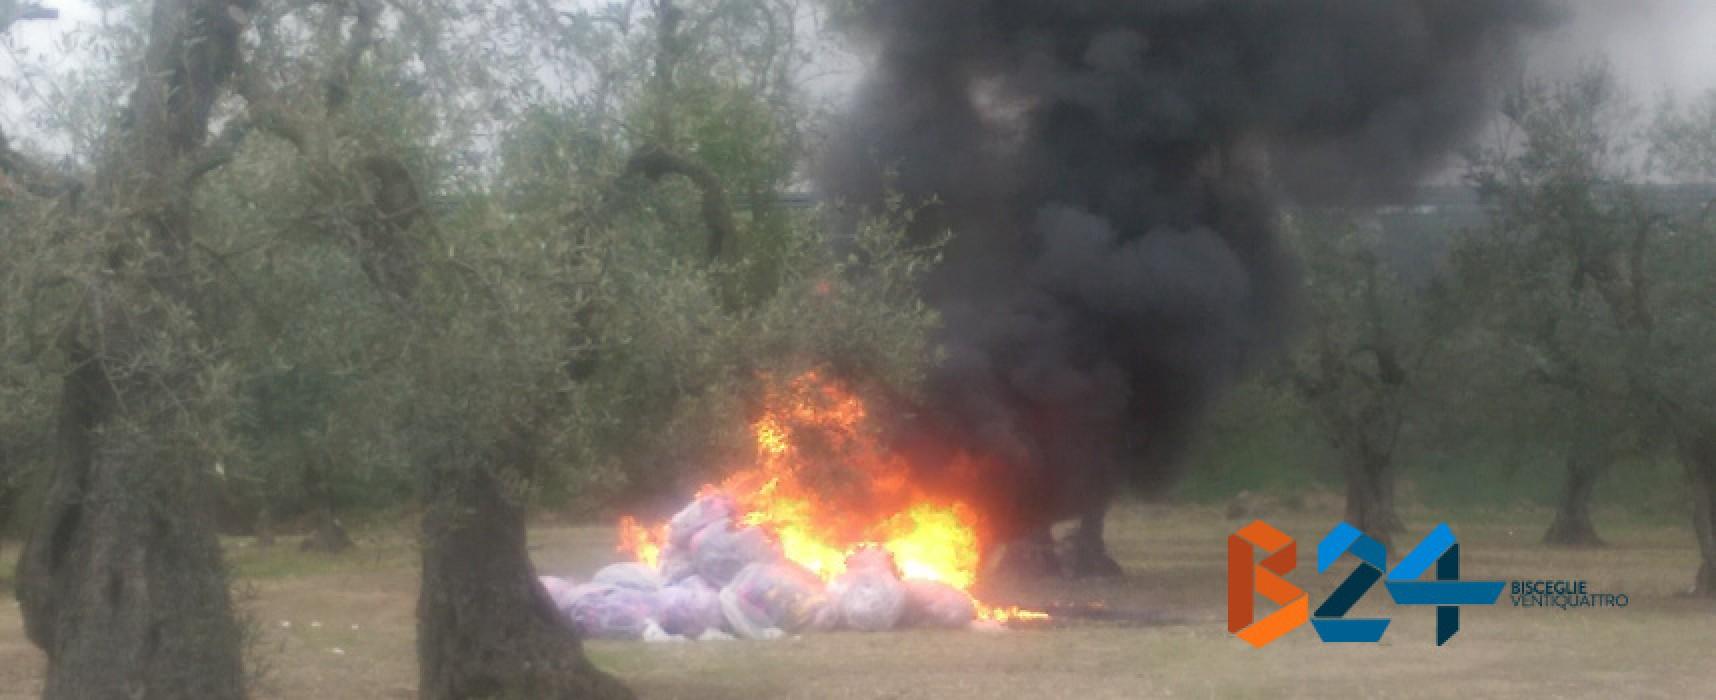 Dato alle fiamme il cumulo di rifiuti presente da settimane nell'uliveto di Strada del Carro